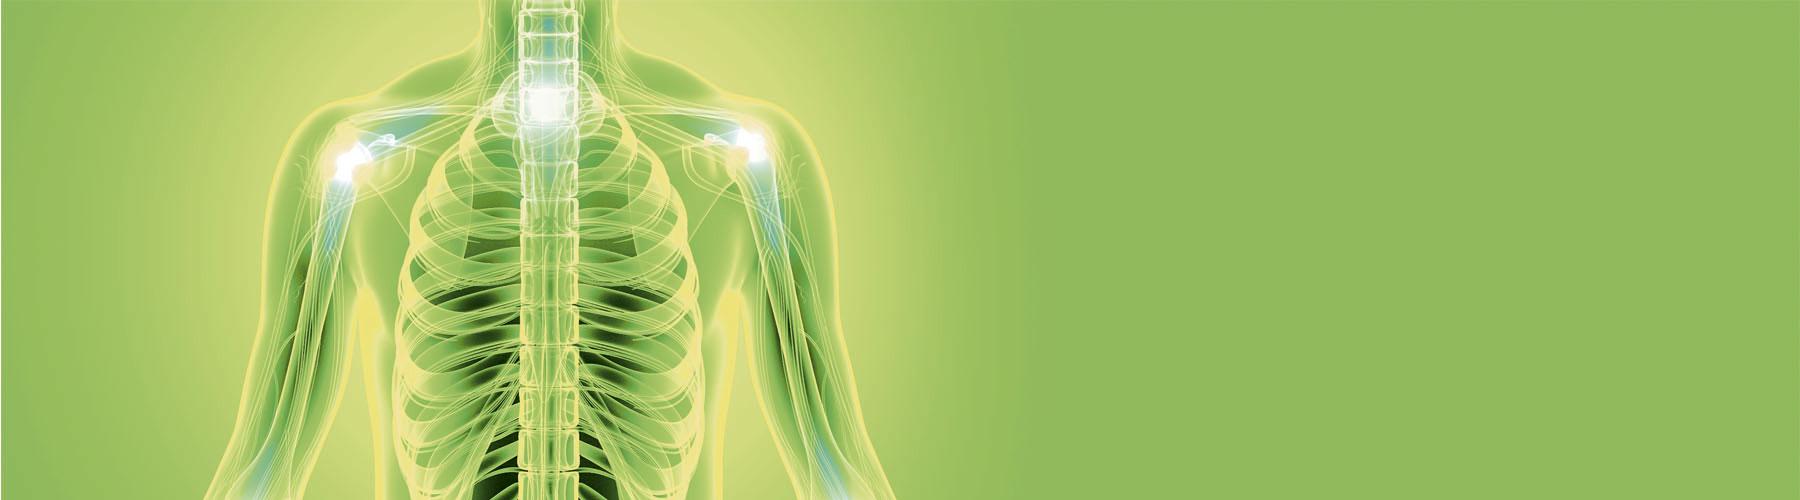 Course Image Trastornos osteoarticulares, musculares e inmunológicos